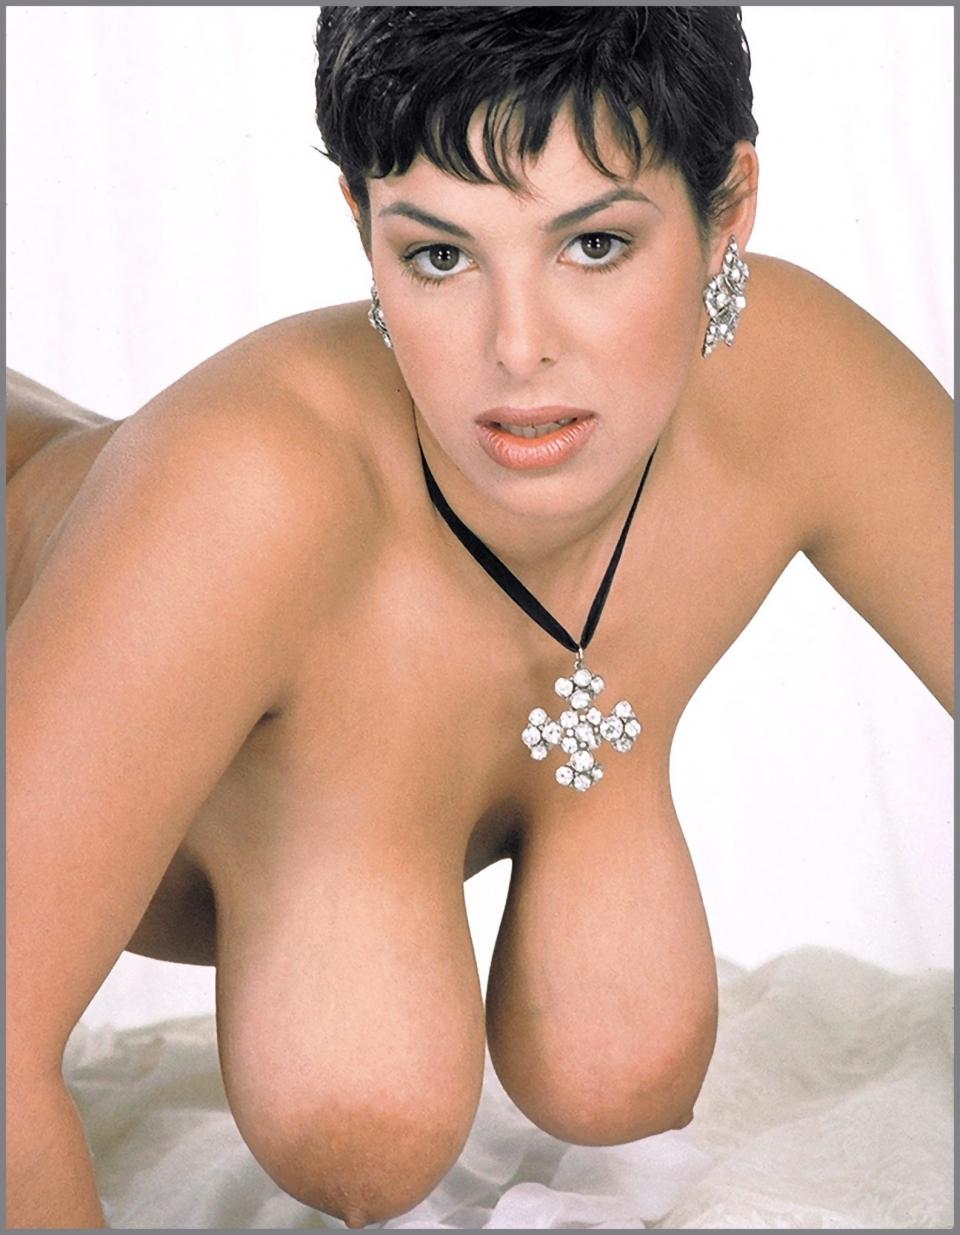 Big floppy tits pics